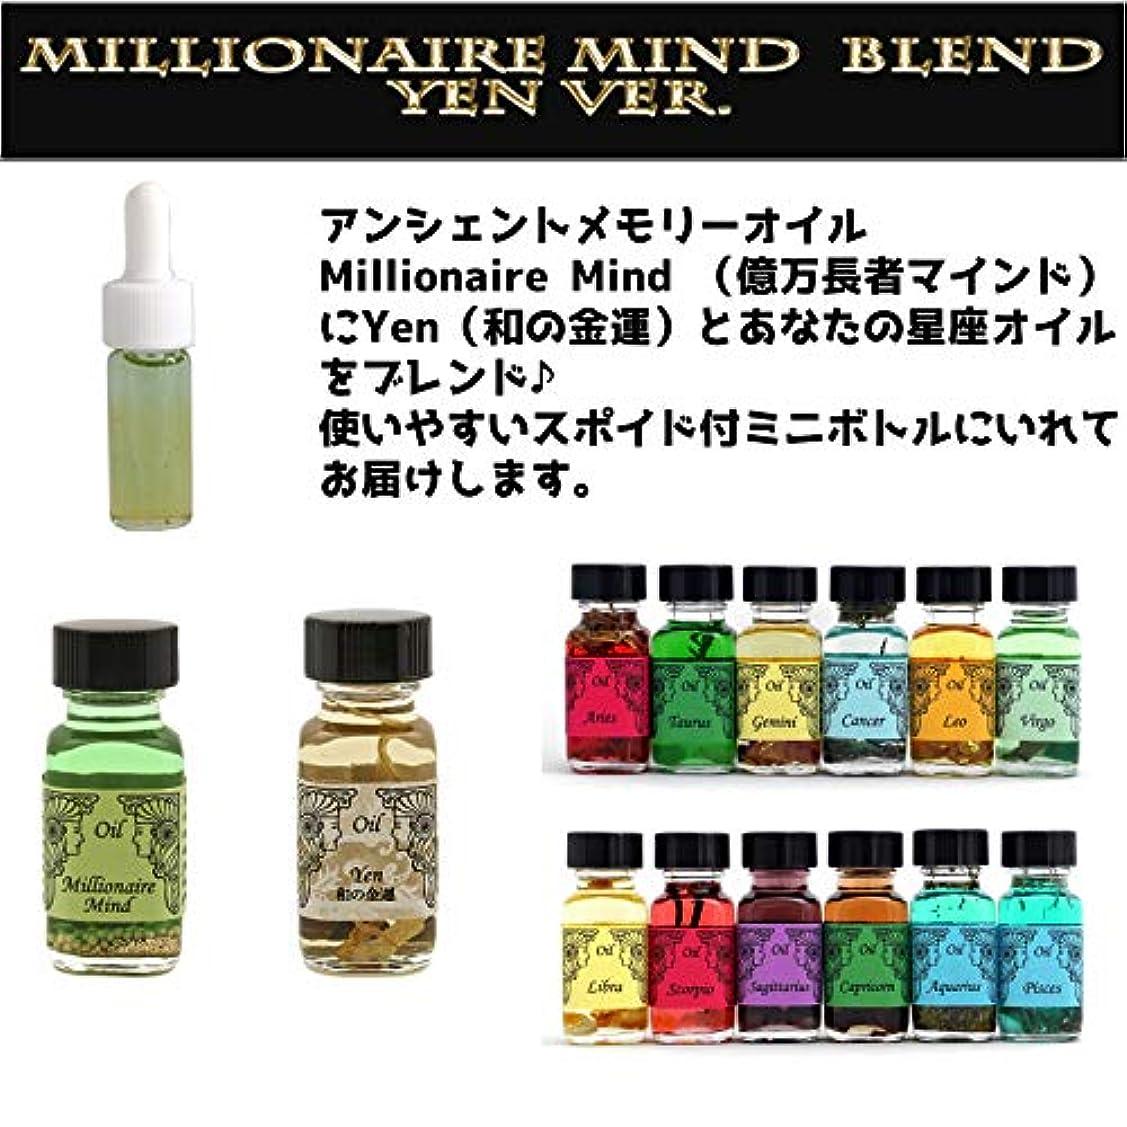 計算するお気に入り弱点アンシェントメモリーオイル Millionaire Mind 億万長者マインド ブレンド【Yen 和の金運&うお座】